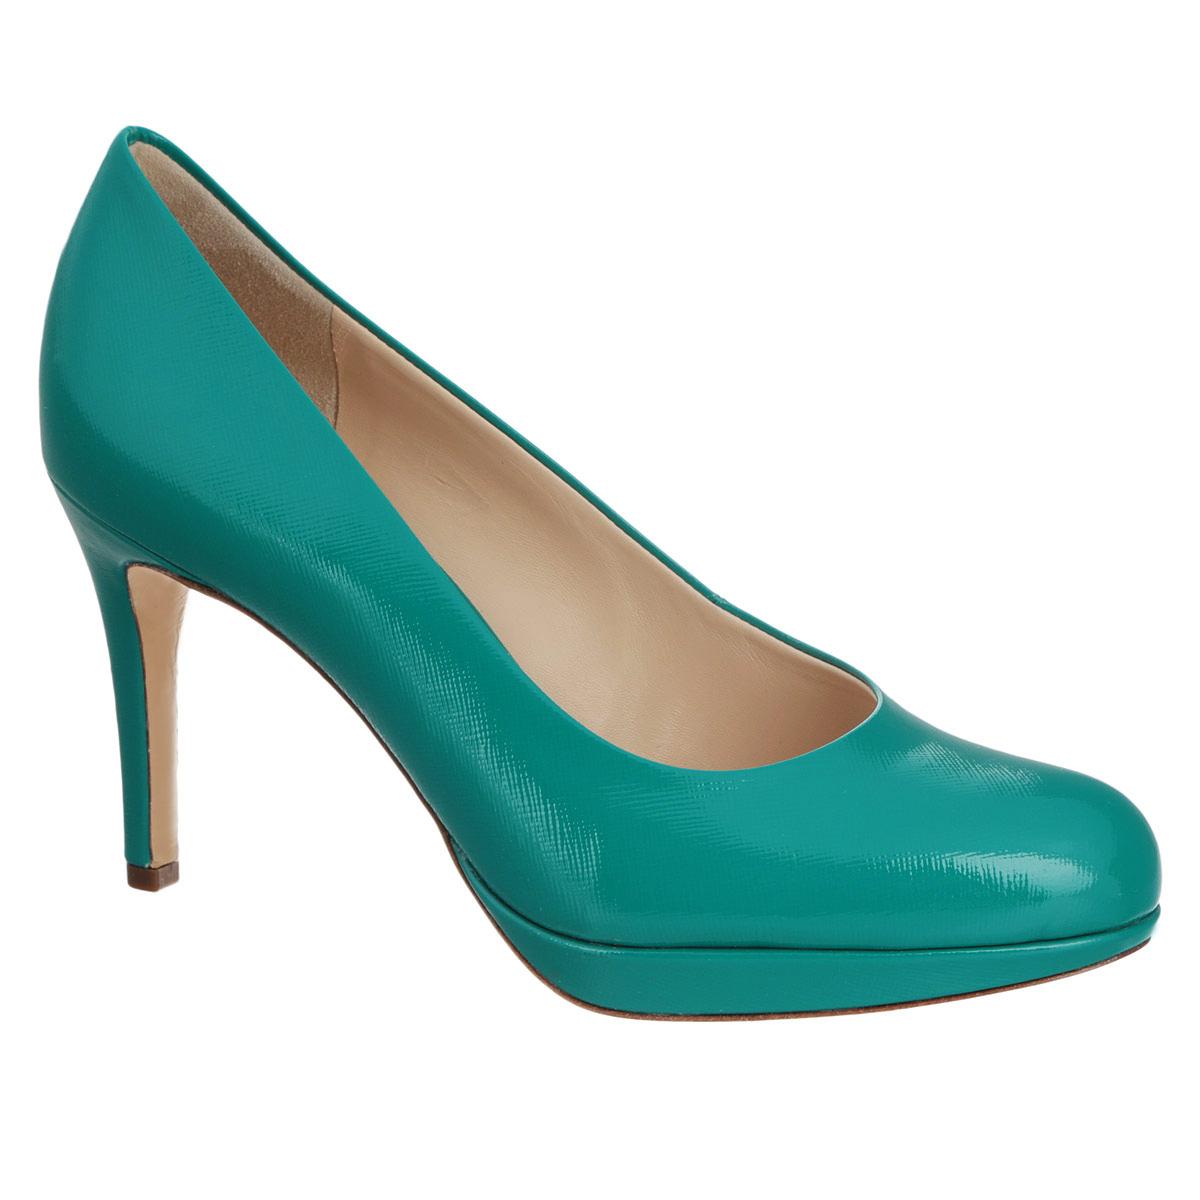 Туфли женские. 9108003360091080033600Стильные женские туфли от Hogl - незаменимая вещь в гардеробе каждой женщины. Модель выполнена из натуральной лакированной кожи и декорирована оригинальным тиснением. Закругленный носок смотрится невероятно женственно. Подкладка и стелька из натуральной кожи обеспечивают максимальный комфорт при ходьбе. Высокий каблук, дополненный противоскользящим рифлением, компенсирован платформой. Модные туфли займут достойное место среди вашей коллекции обуви.